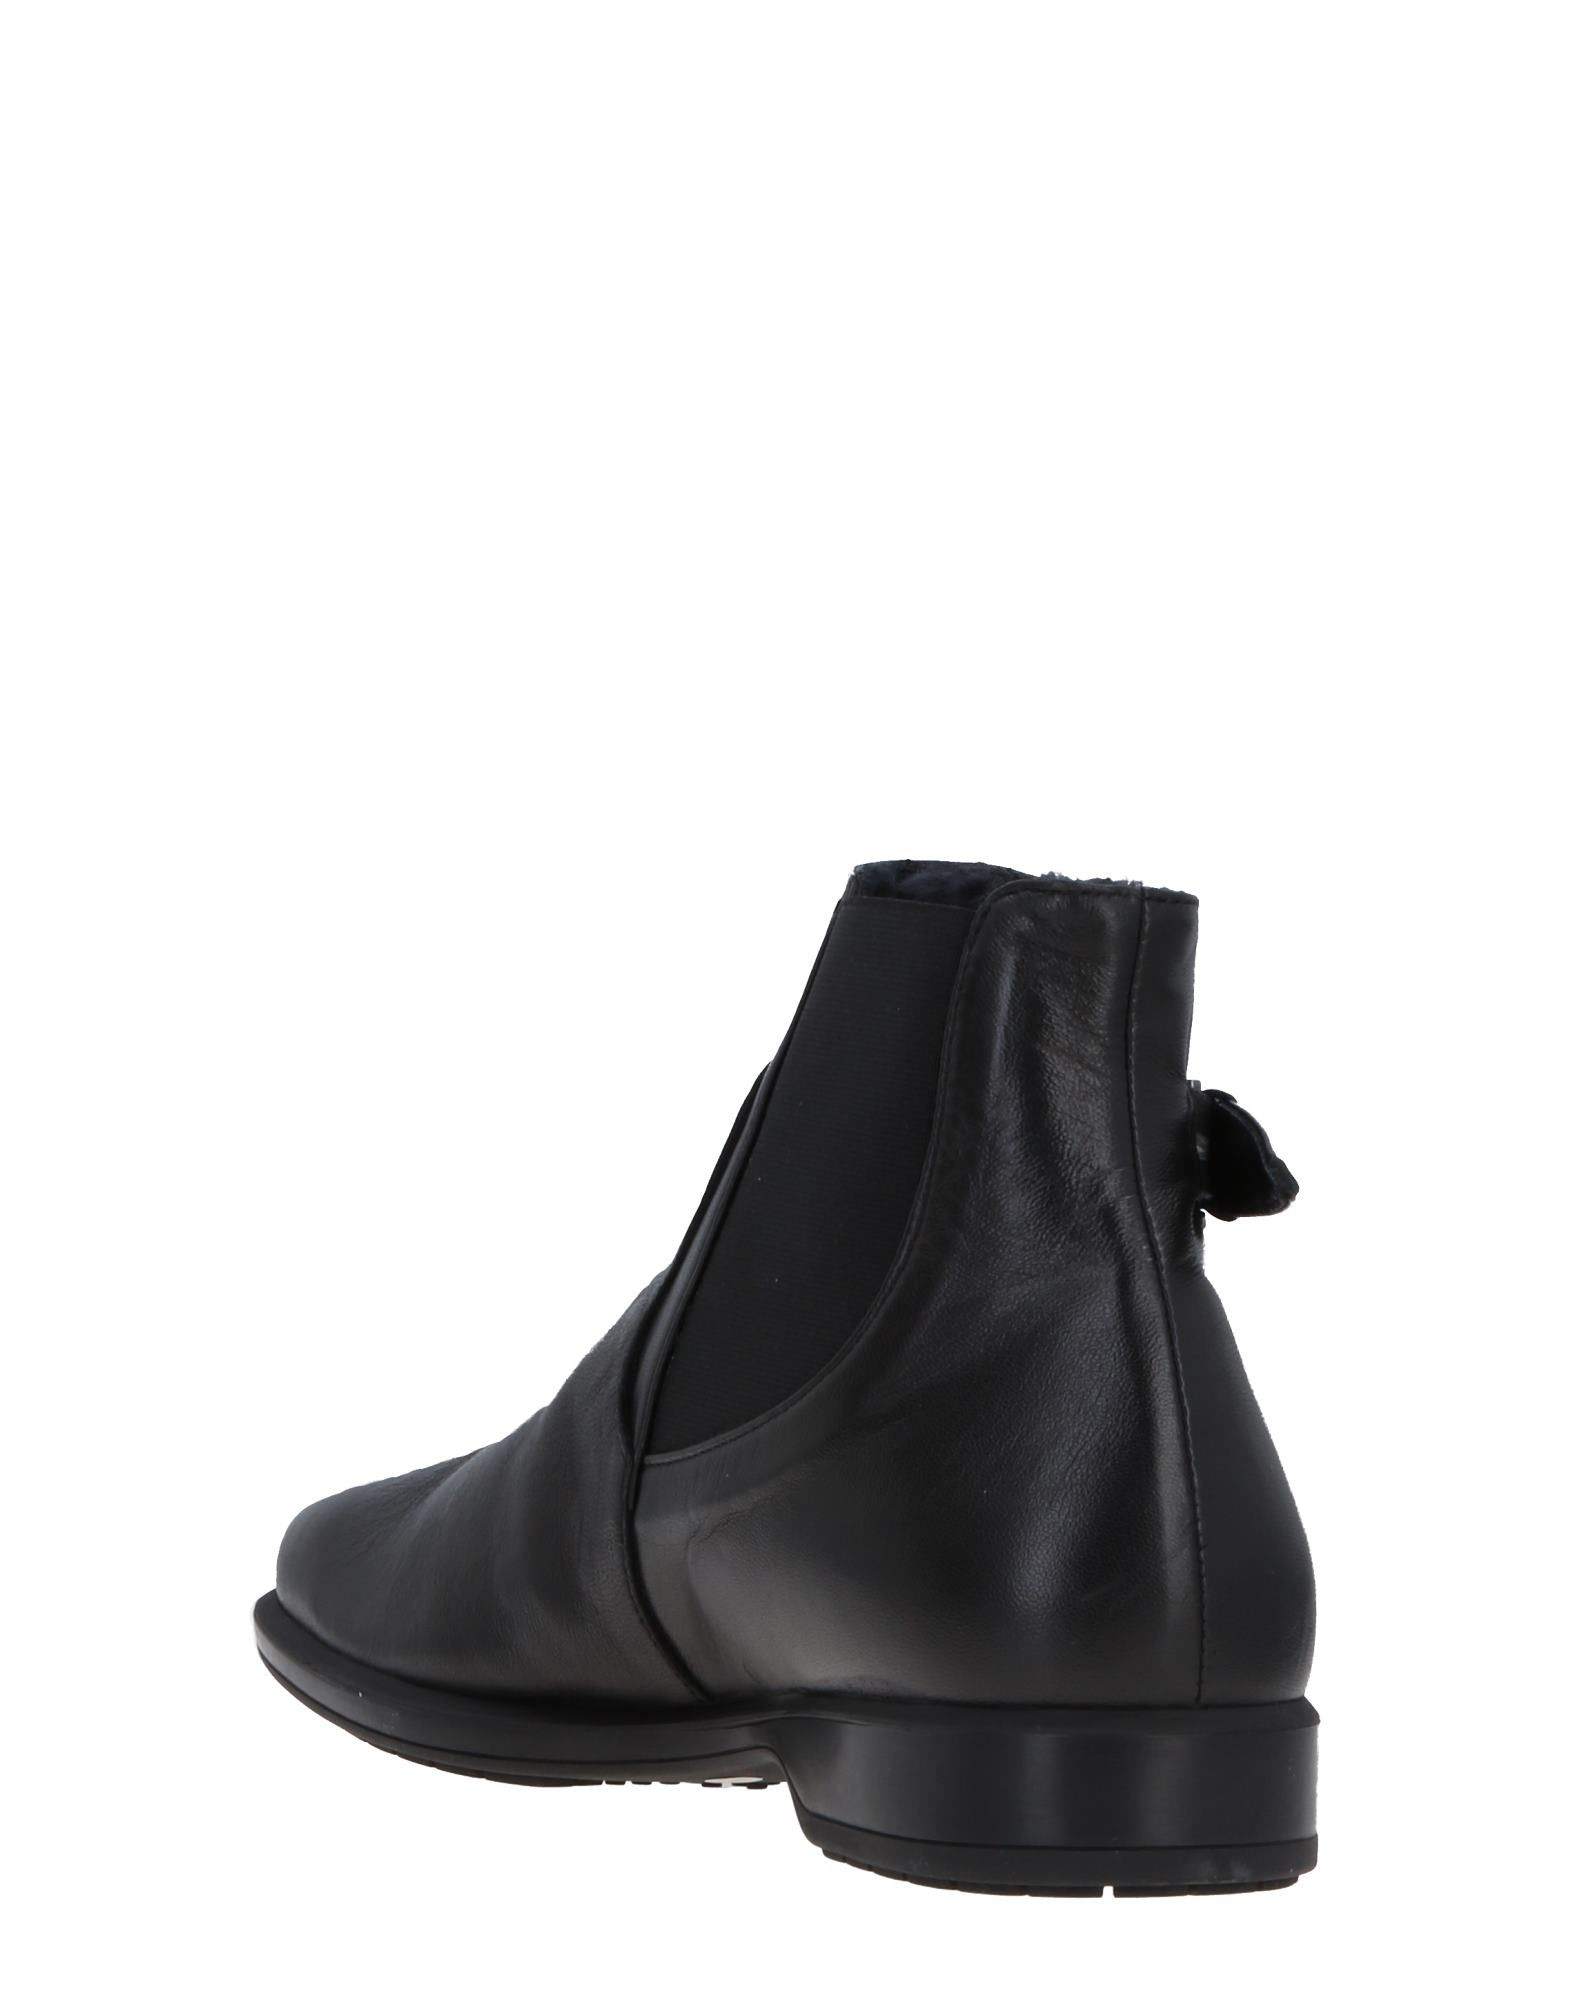 Roberto Botticelli Stiefelette Herren  Schuhe 11515521SR Gute Qualität beliebte Schuhe  c767da